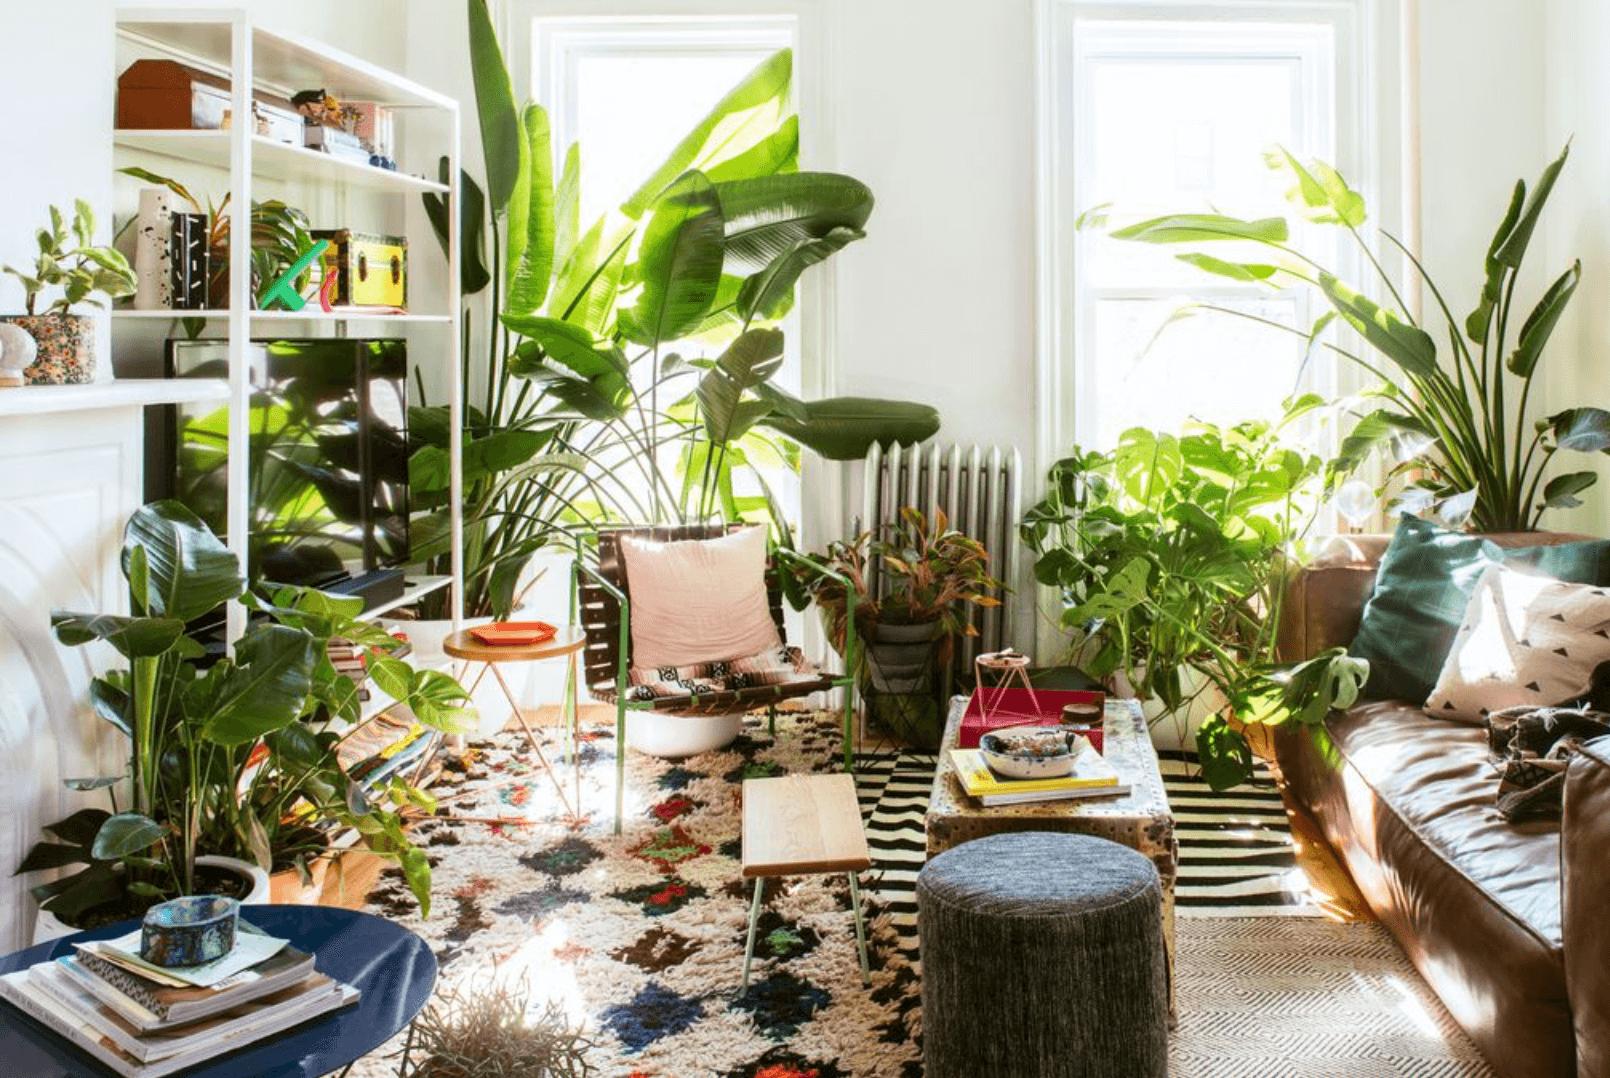 Thiết kế nội thất phong cách organic thân thiện với môi trường